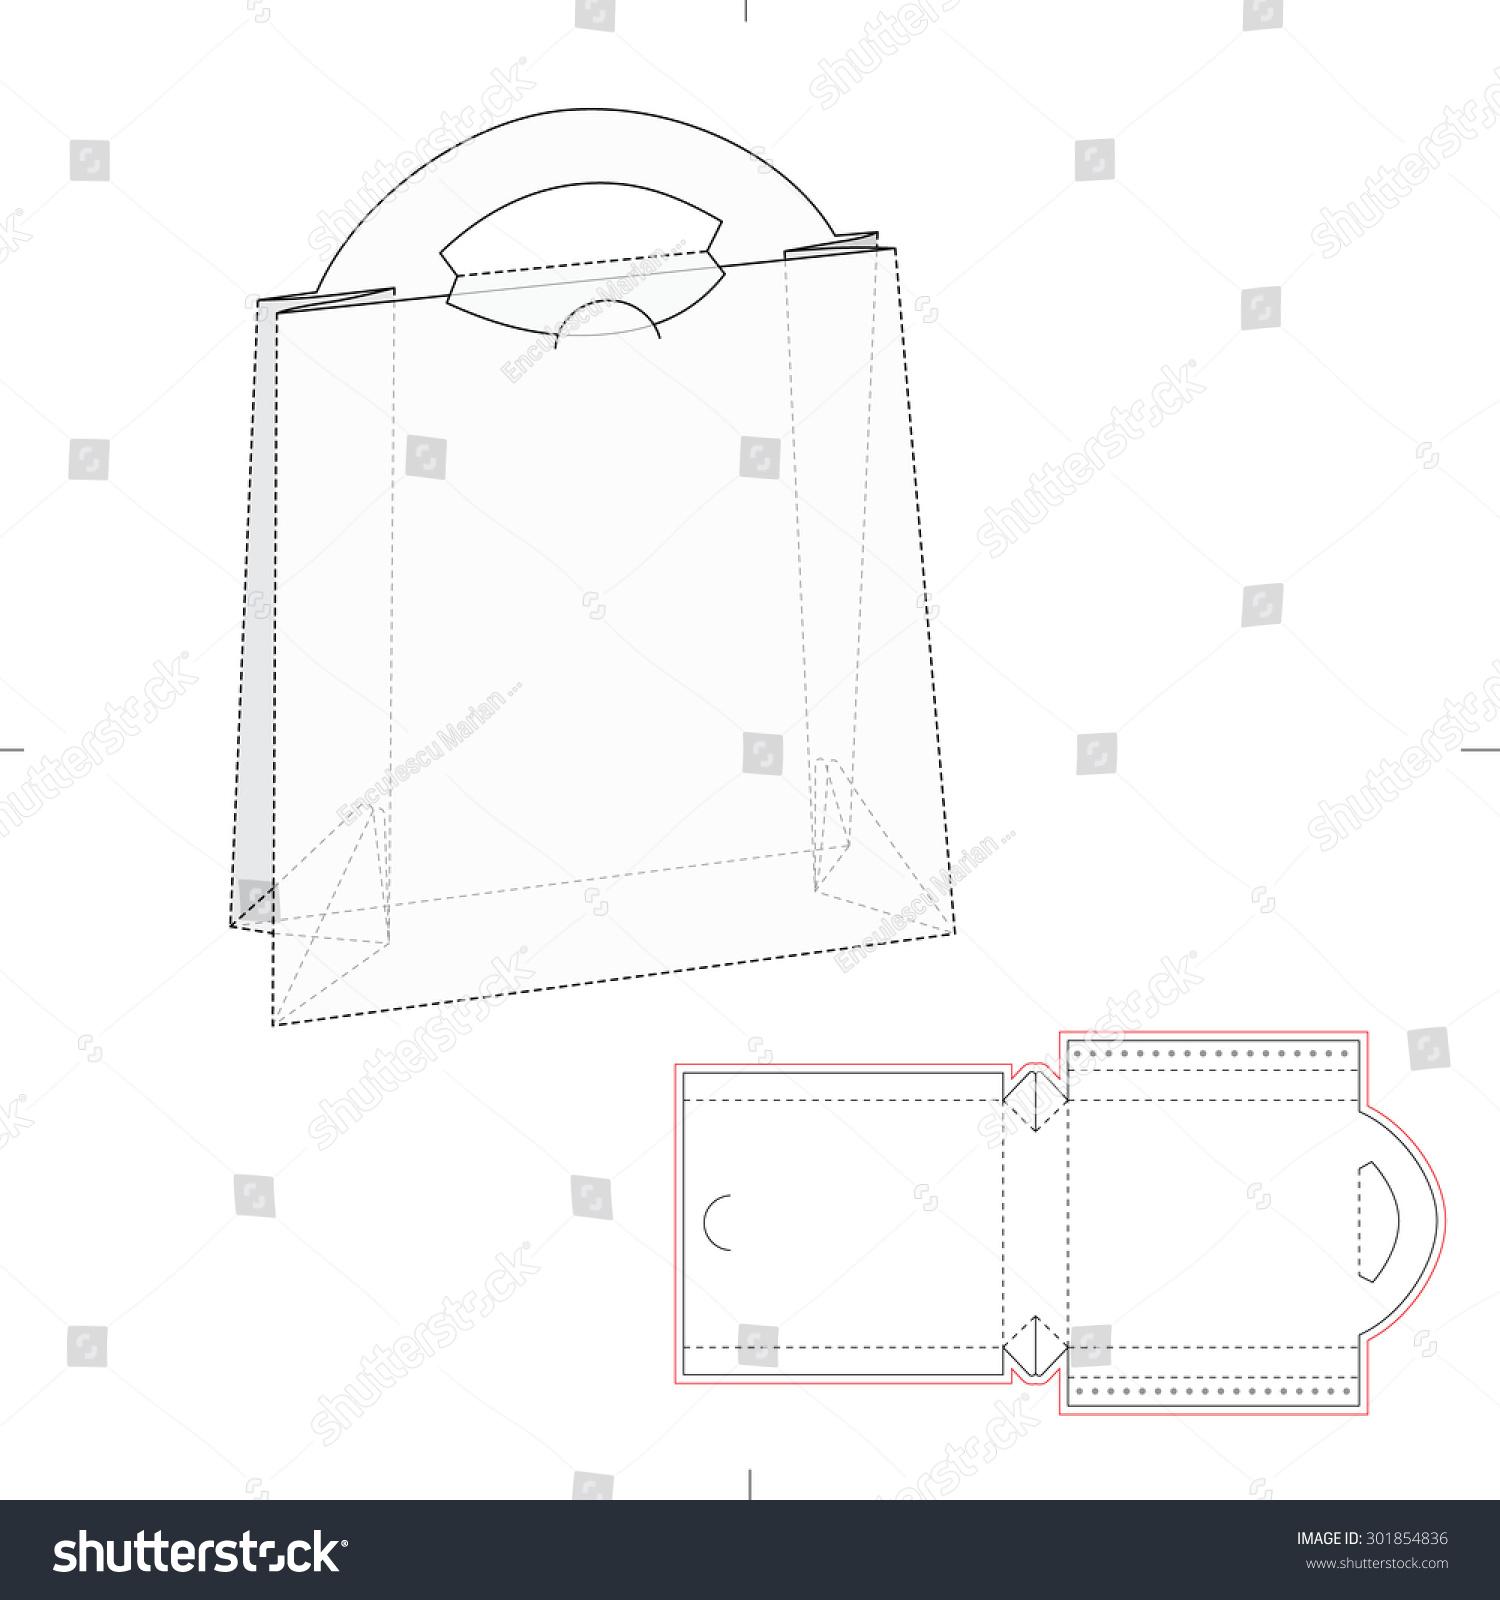 Paper bag blueprint layout vectores en stock 301854836 shutterstock paper bag with blueprint and layout malvernweather Gallery